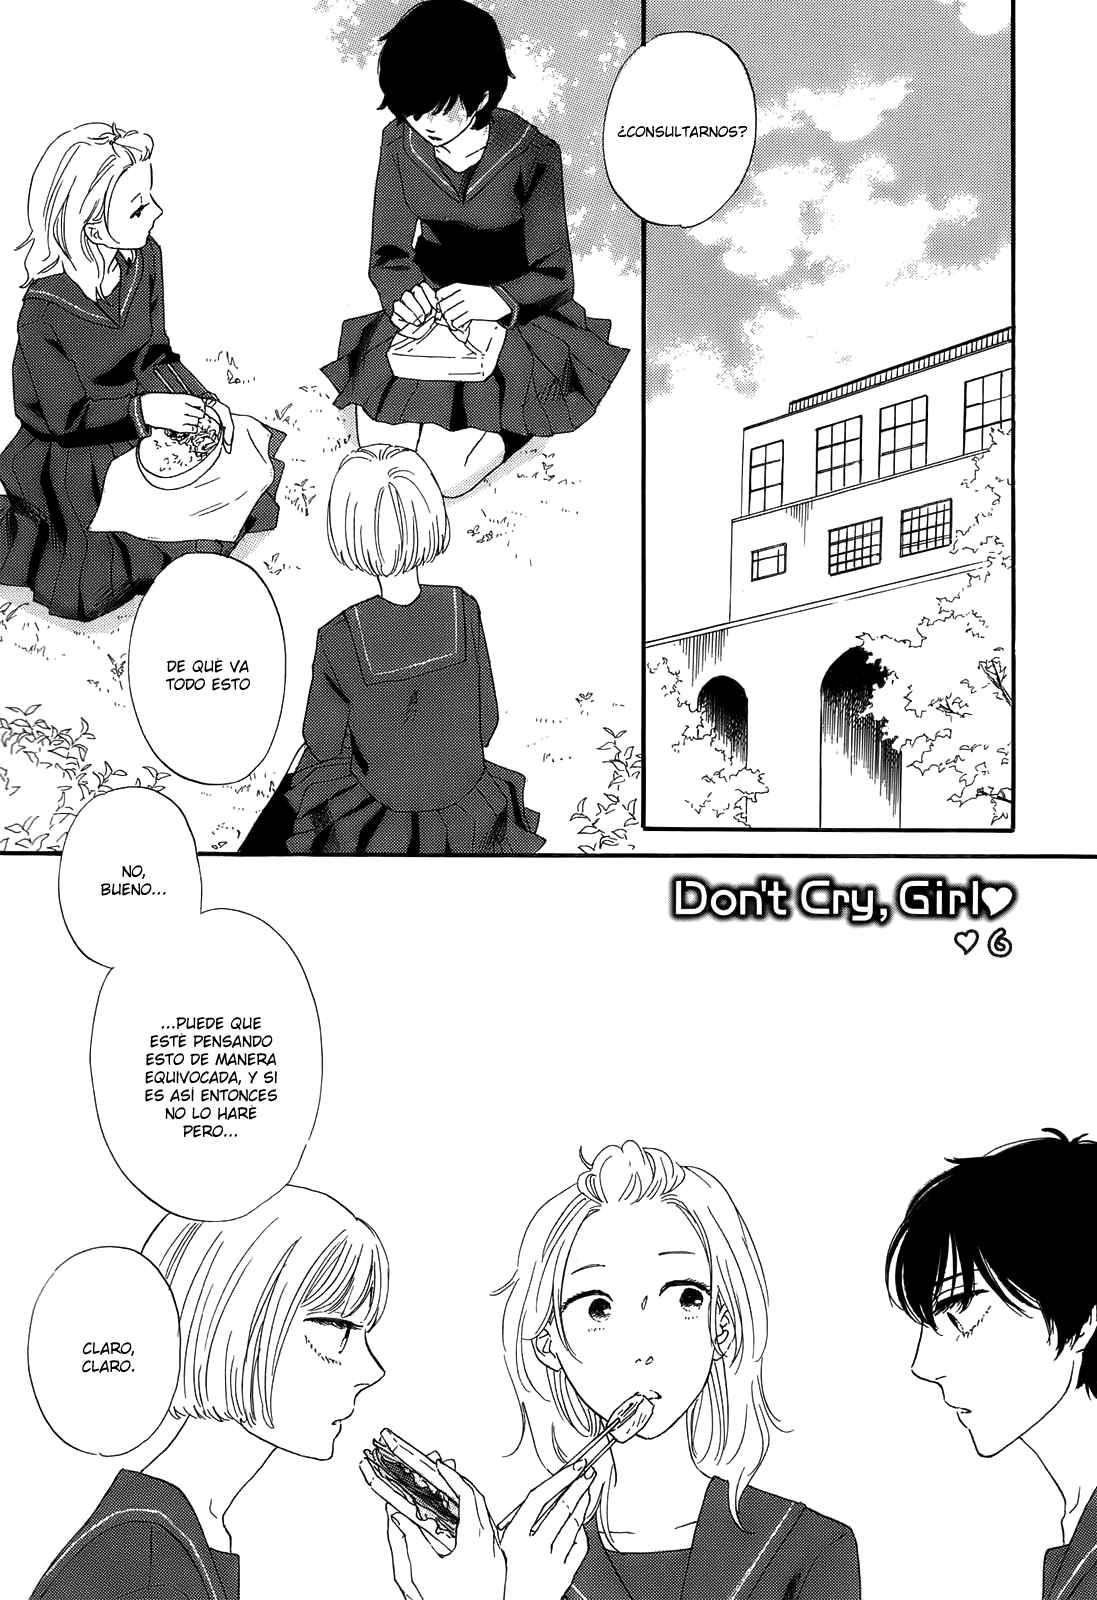 https://nine.mangadogs.com/es_manga/pic9/60/11580/972441/1e16cc9fc054b1c56a4411541ff63c4e.jpg Page 1